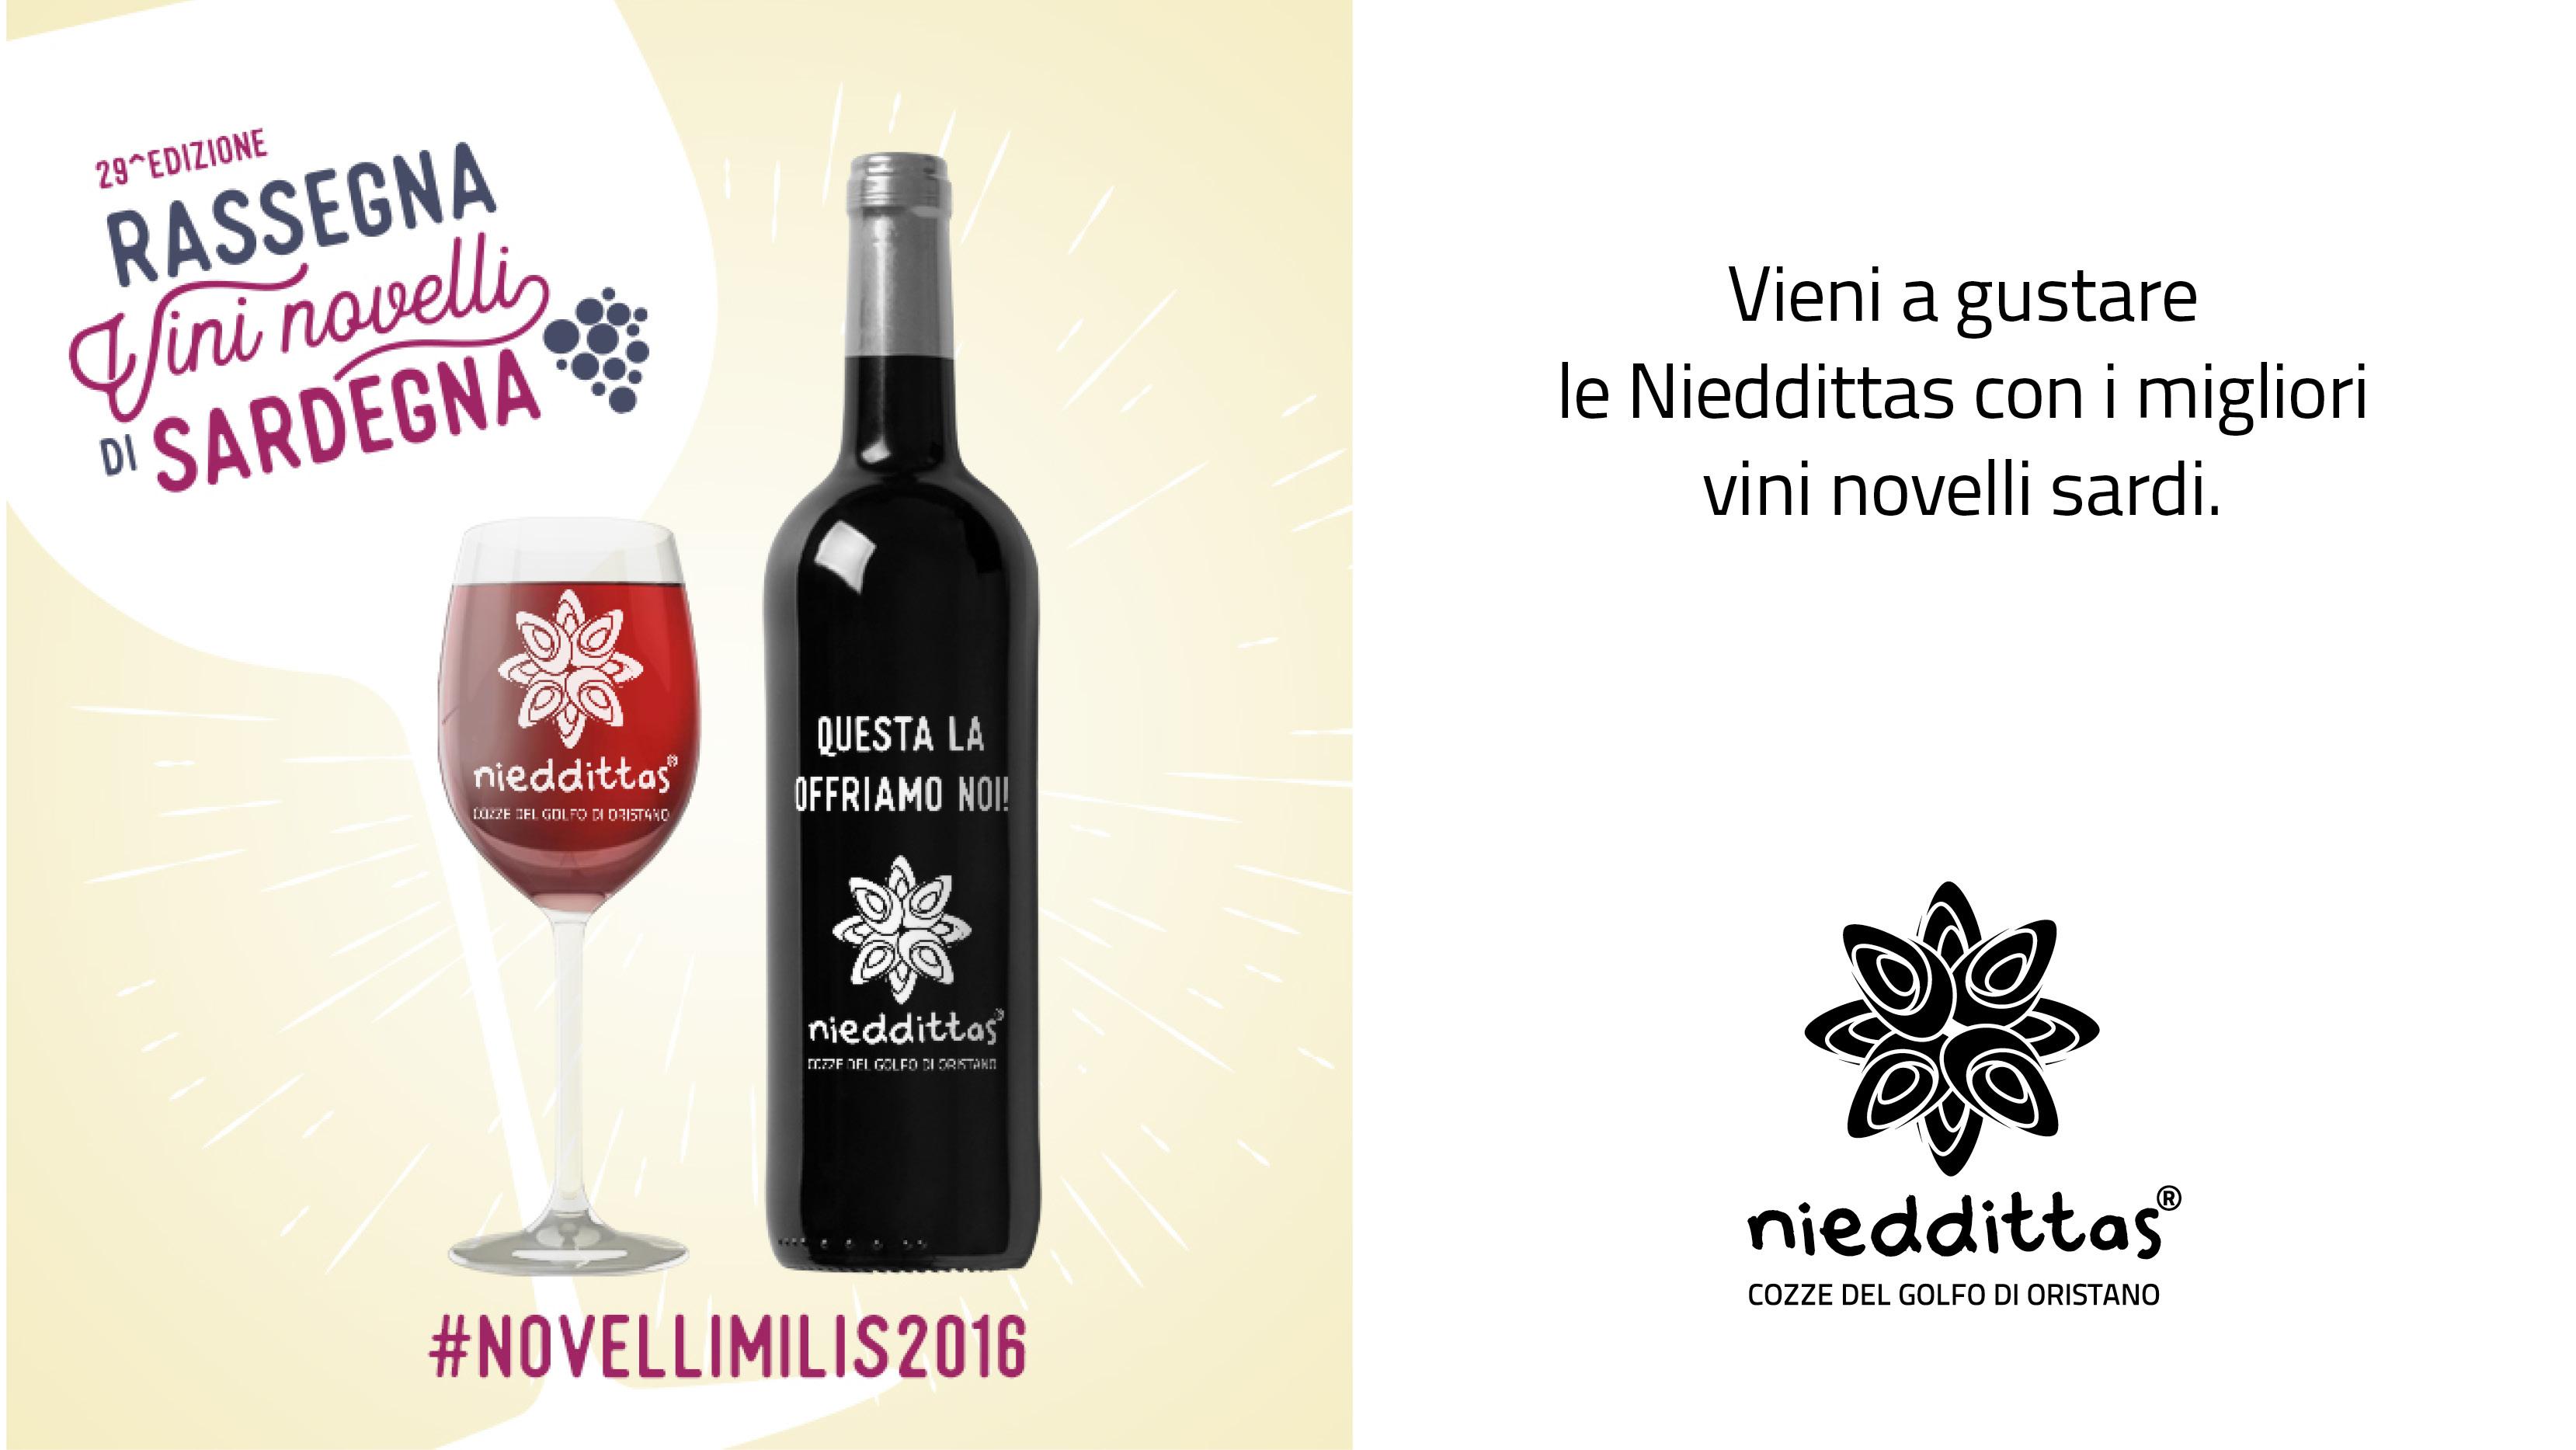 Nieddittas sponsor Rassegna Vini novelli di Sardegna